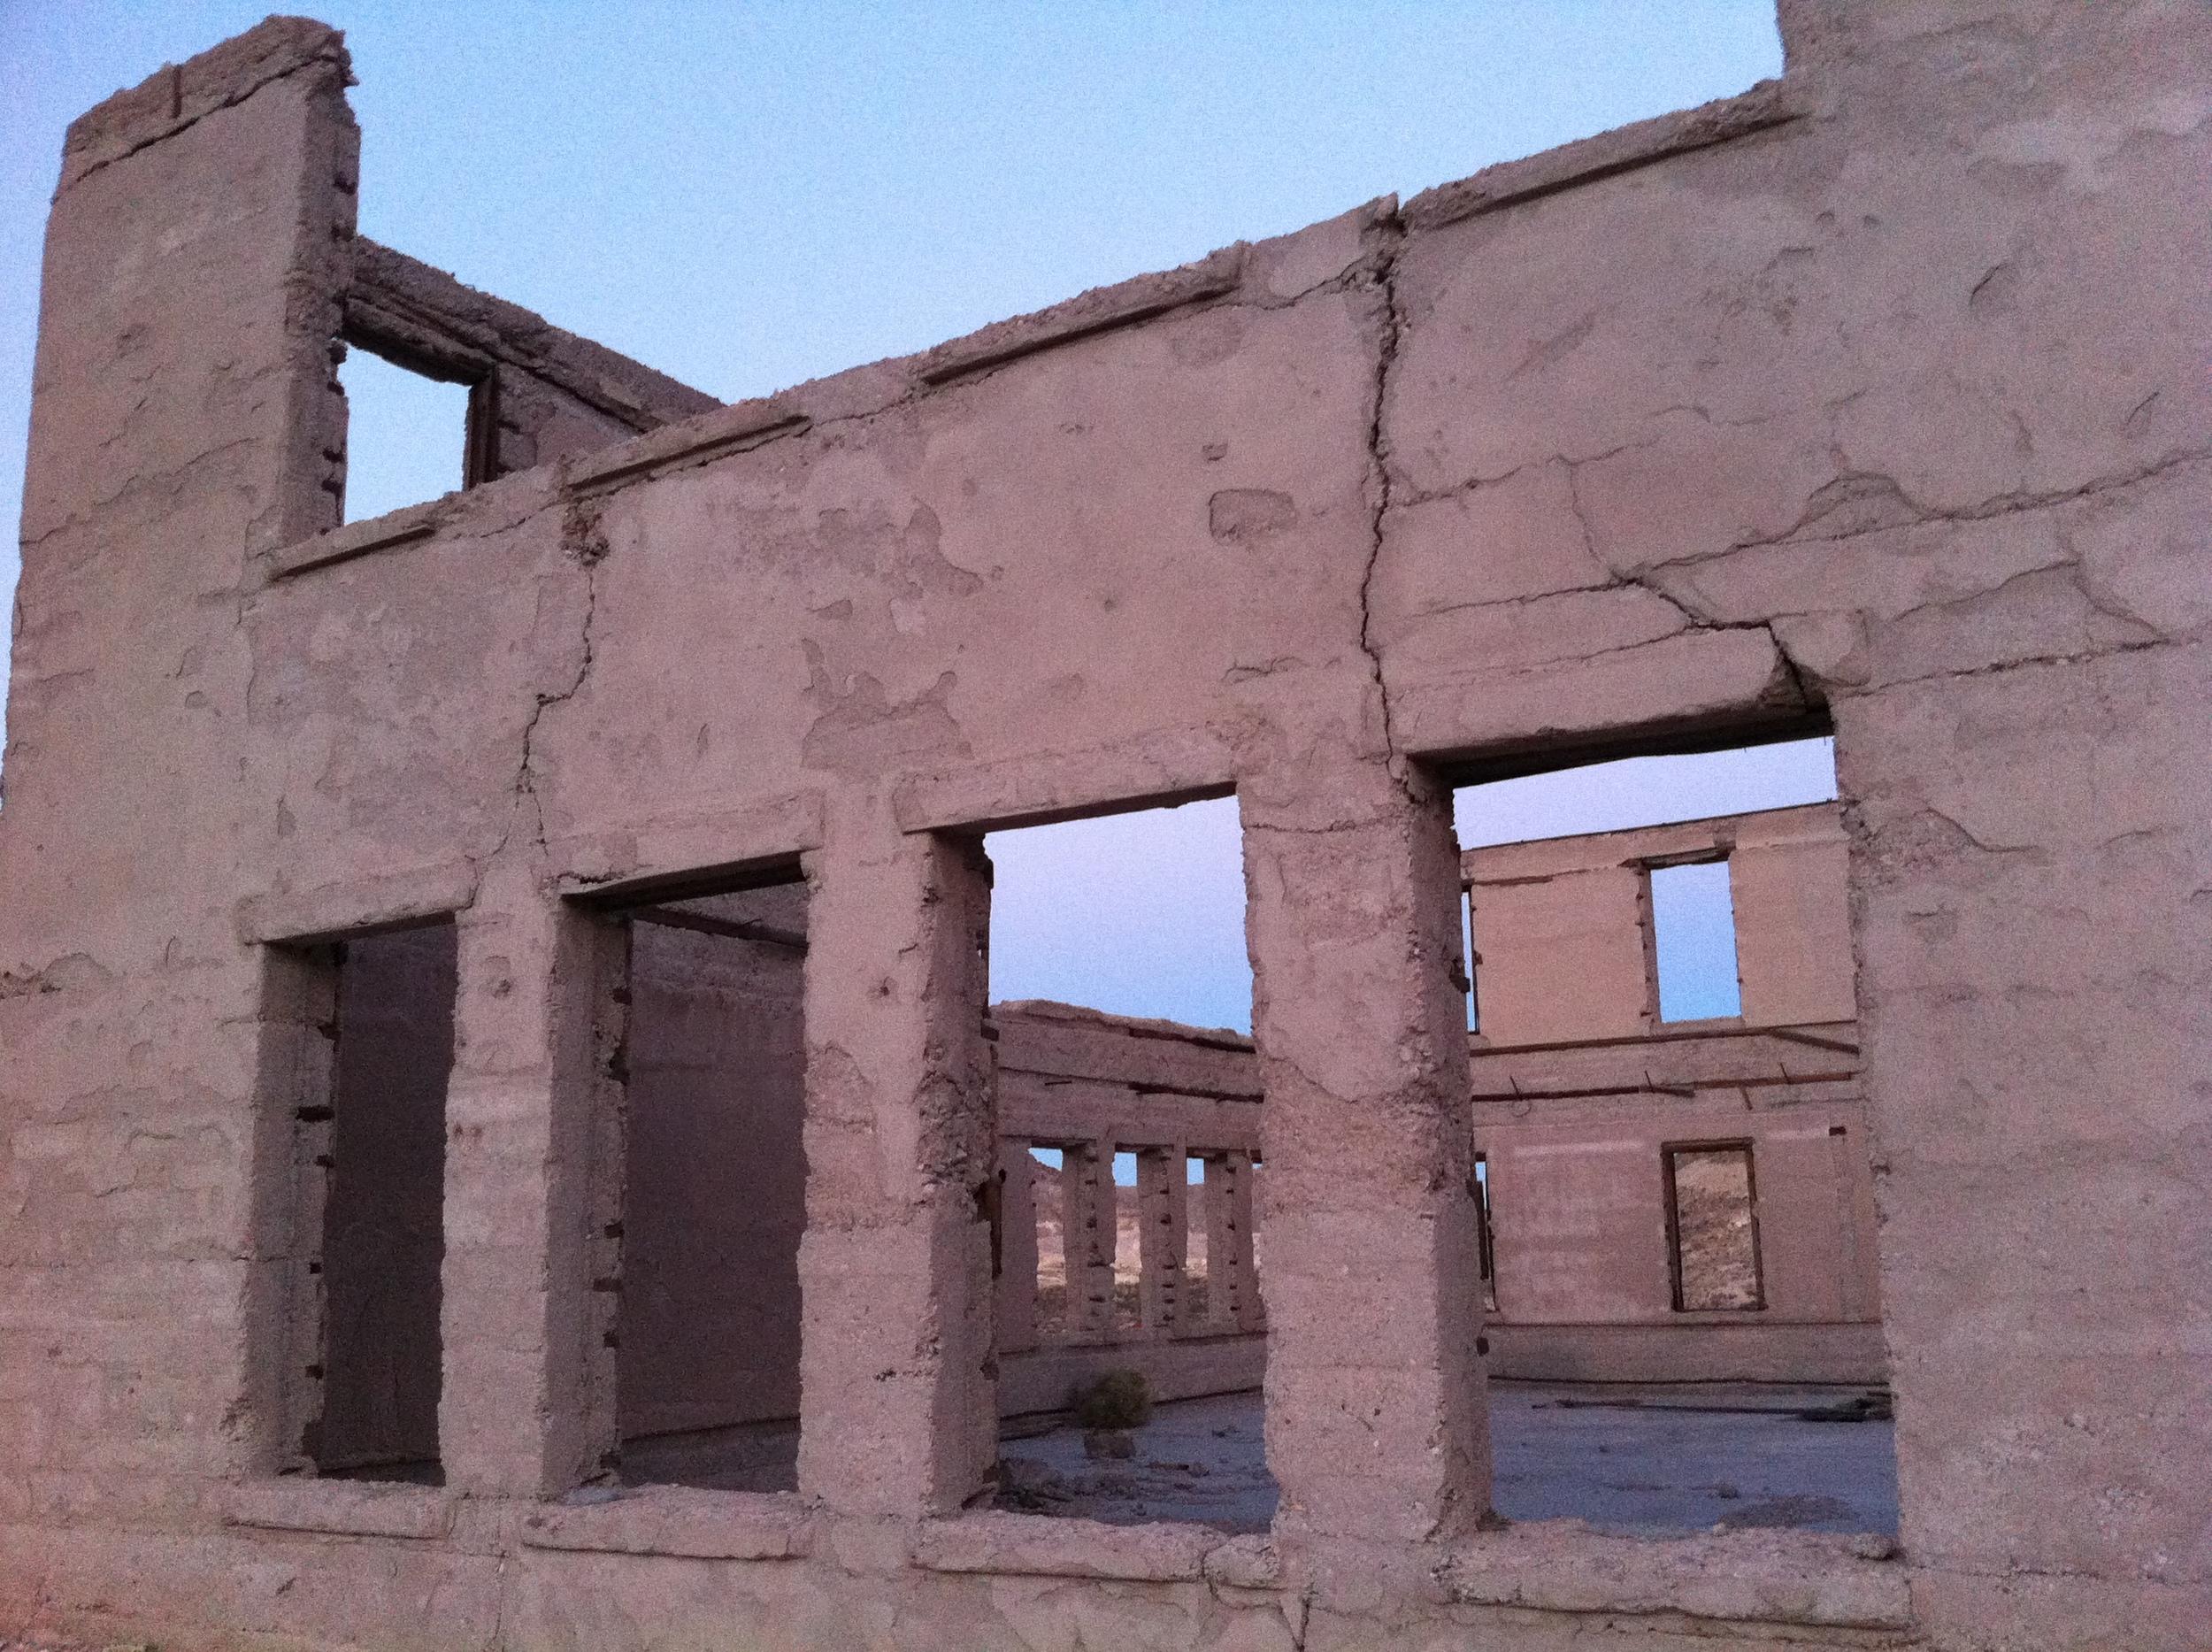 More abandoned buildings, Rhyolite